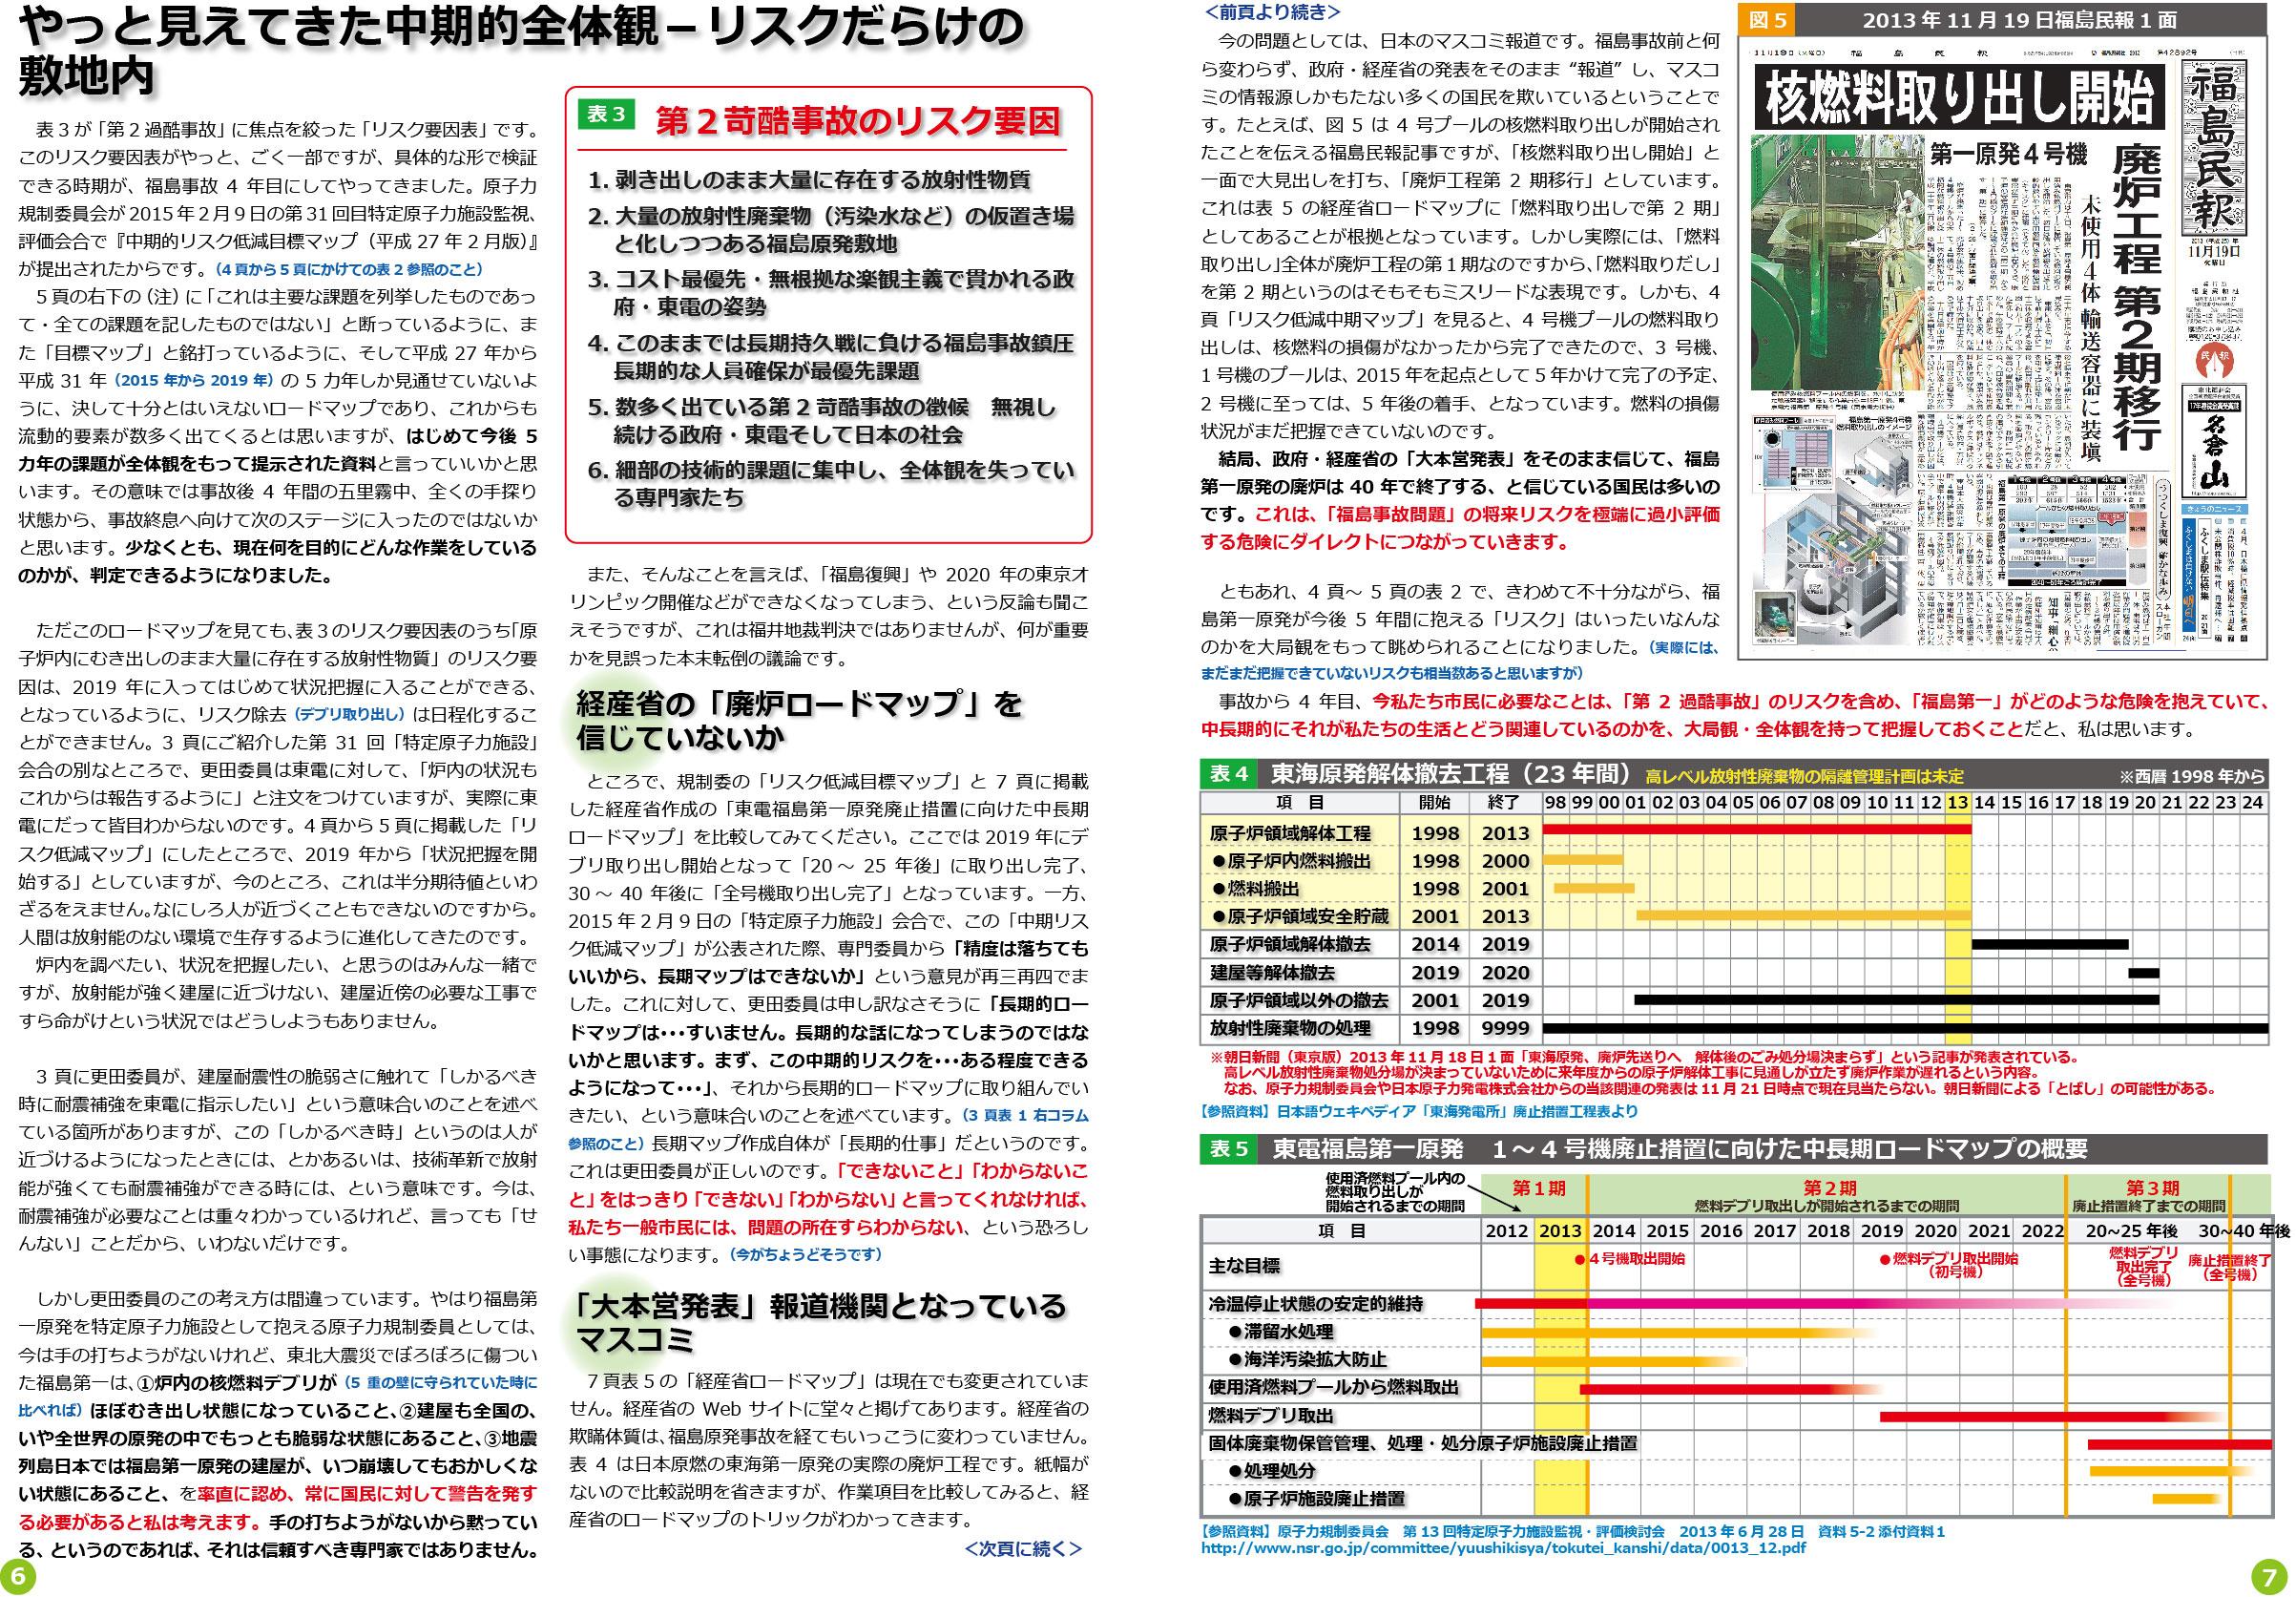 ファイル 400-4.jpg